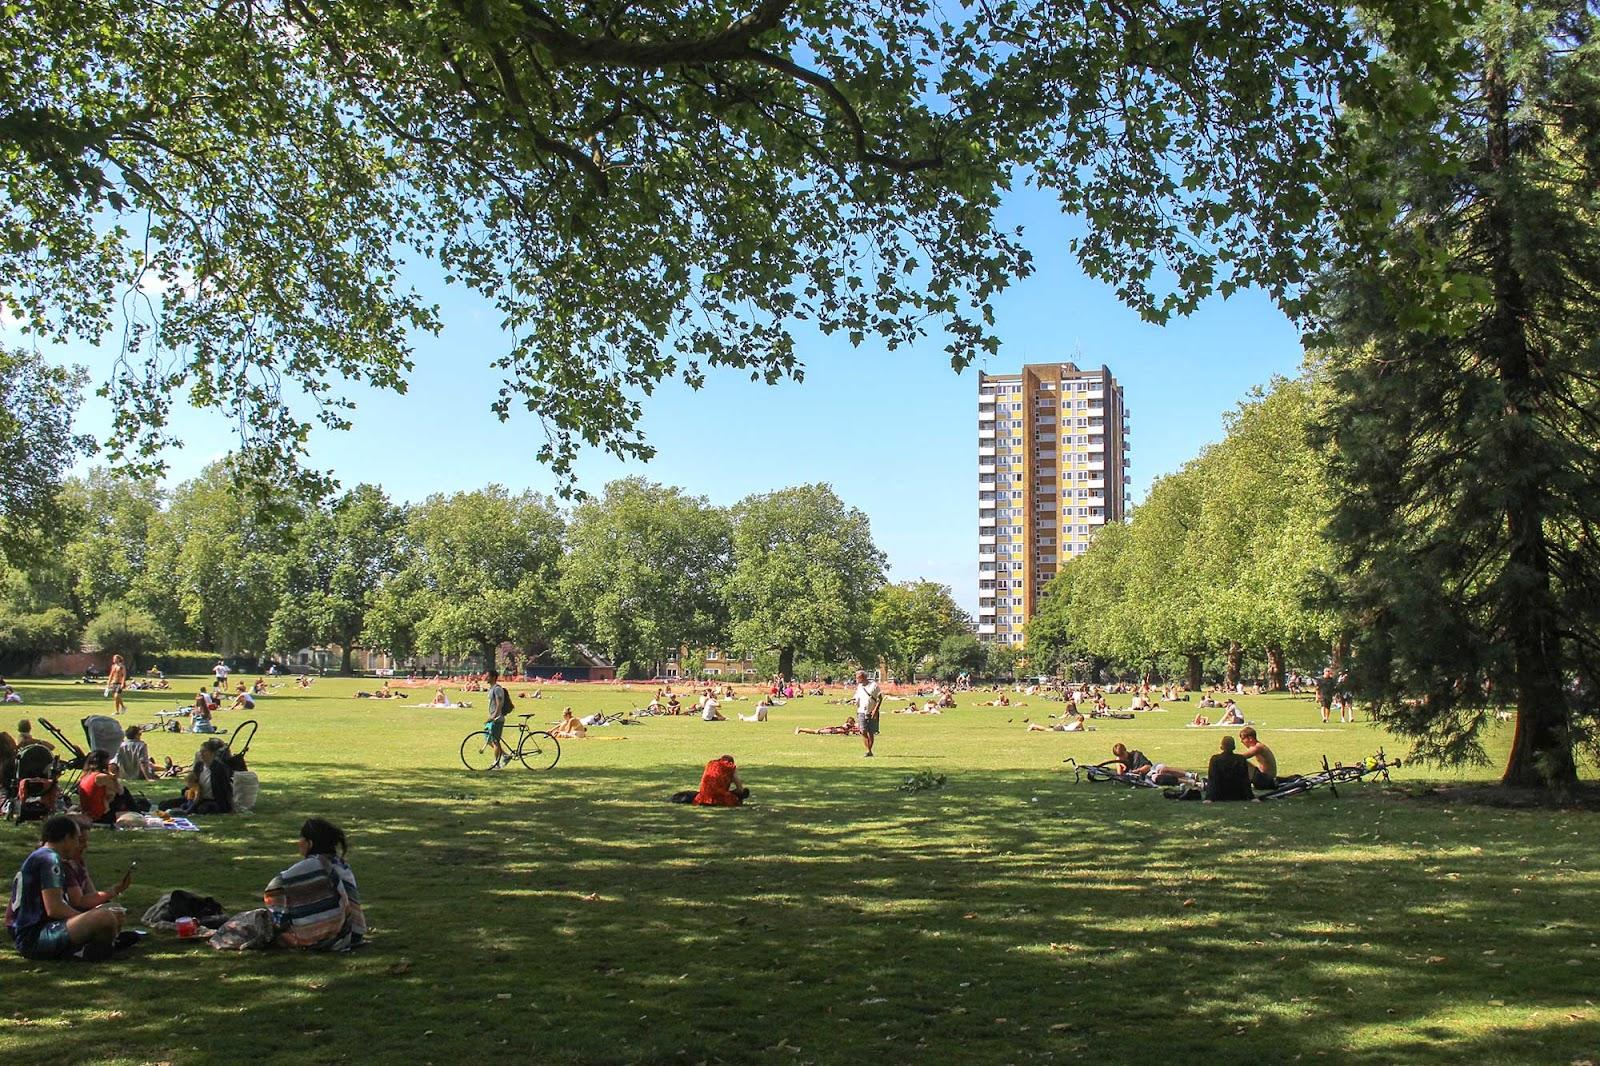 Parks in London - London Fields